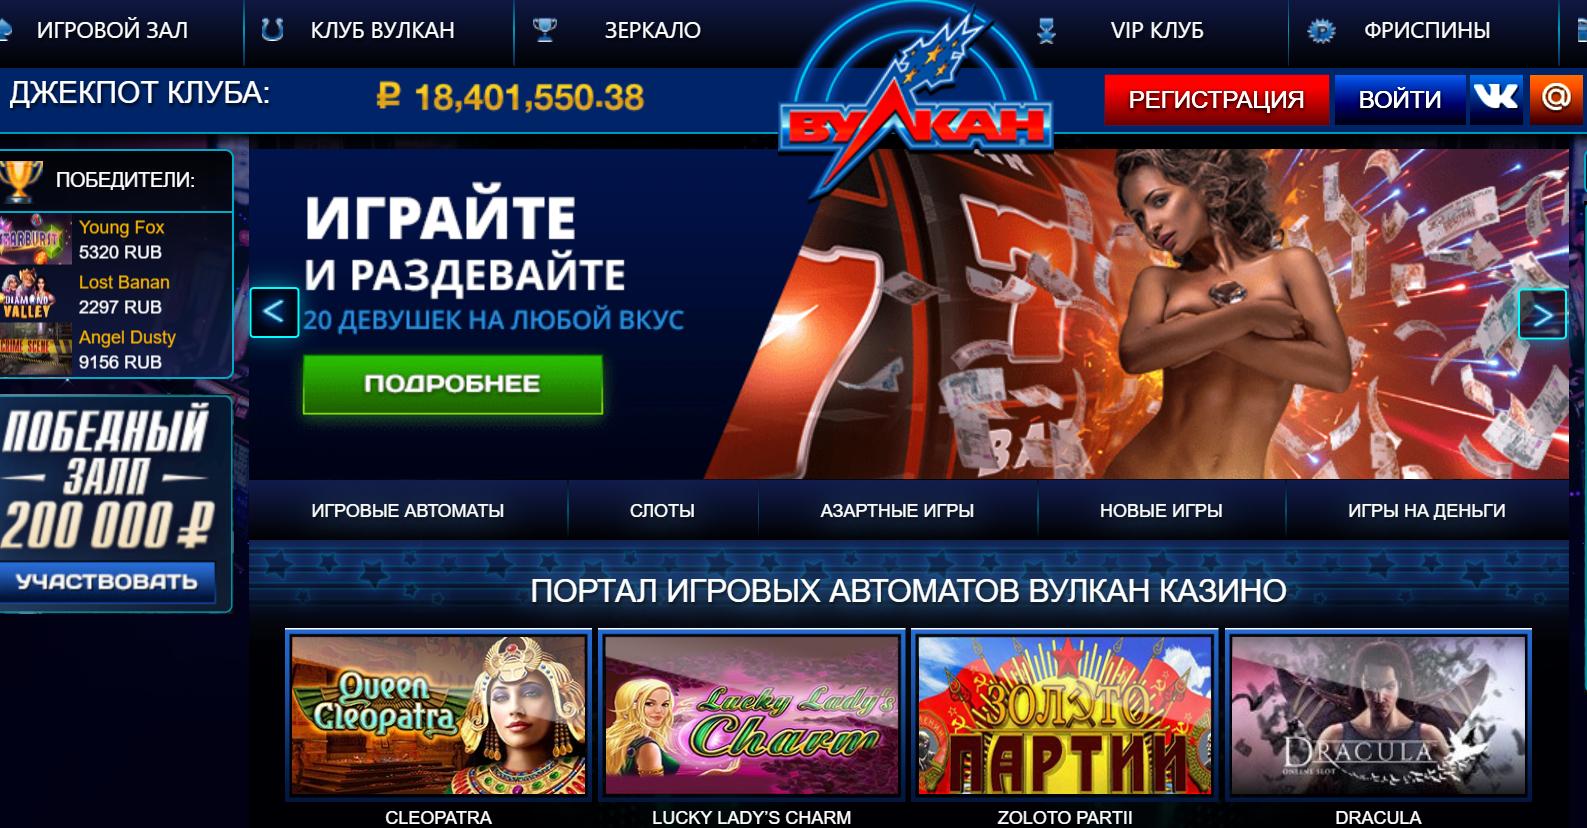 Самое выгодное казино в интернете - Вулкан